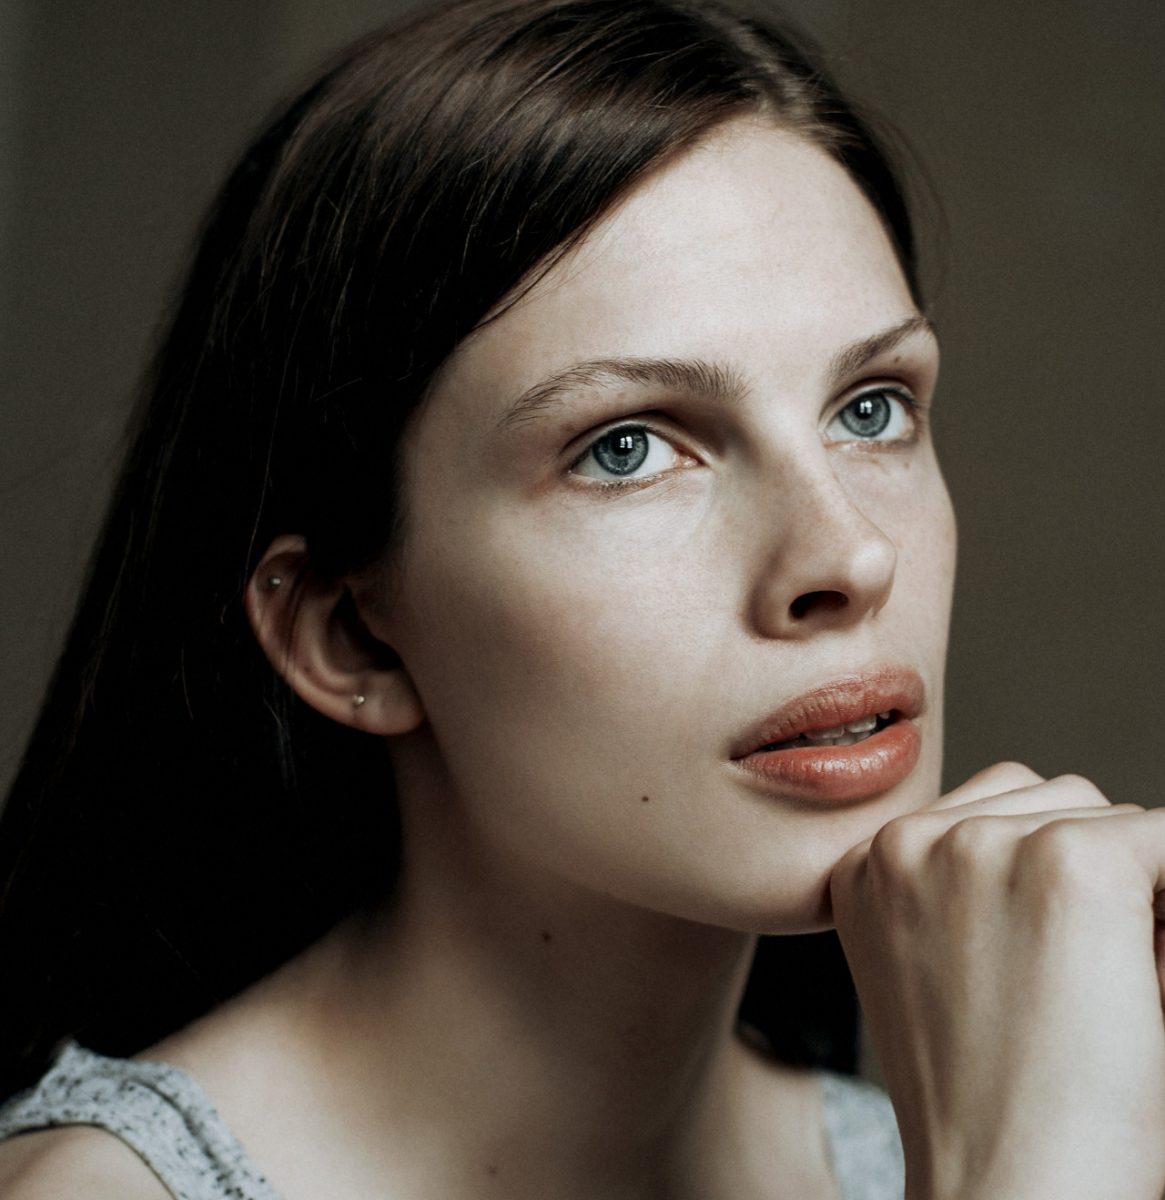 Photographie de portrait couleur par Maarten Schröder, femme, fille